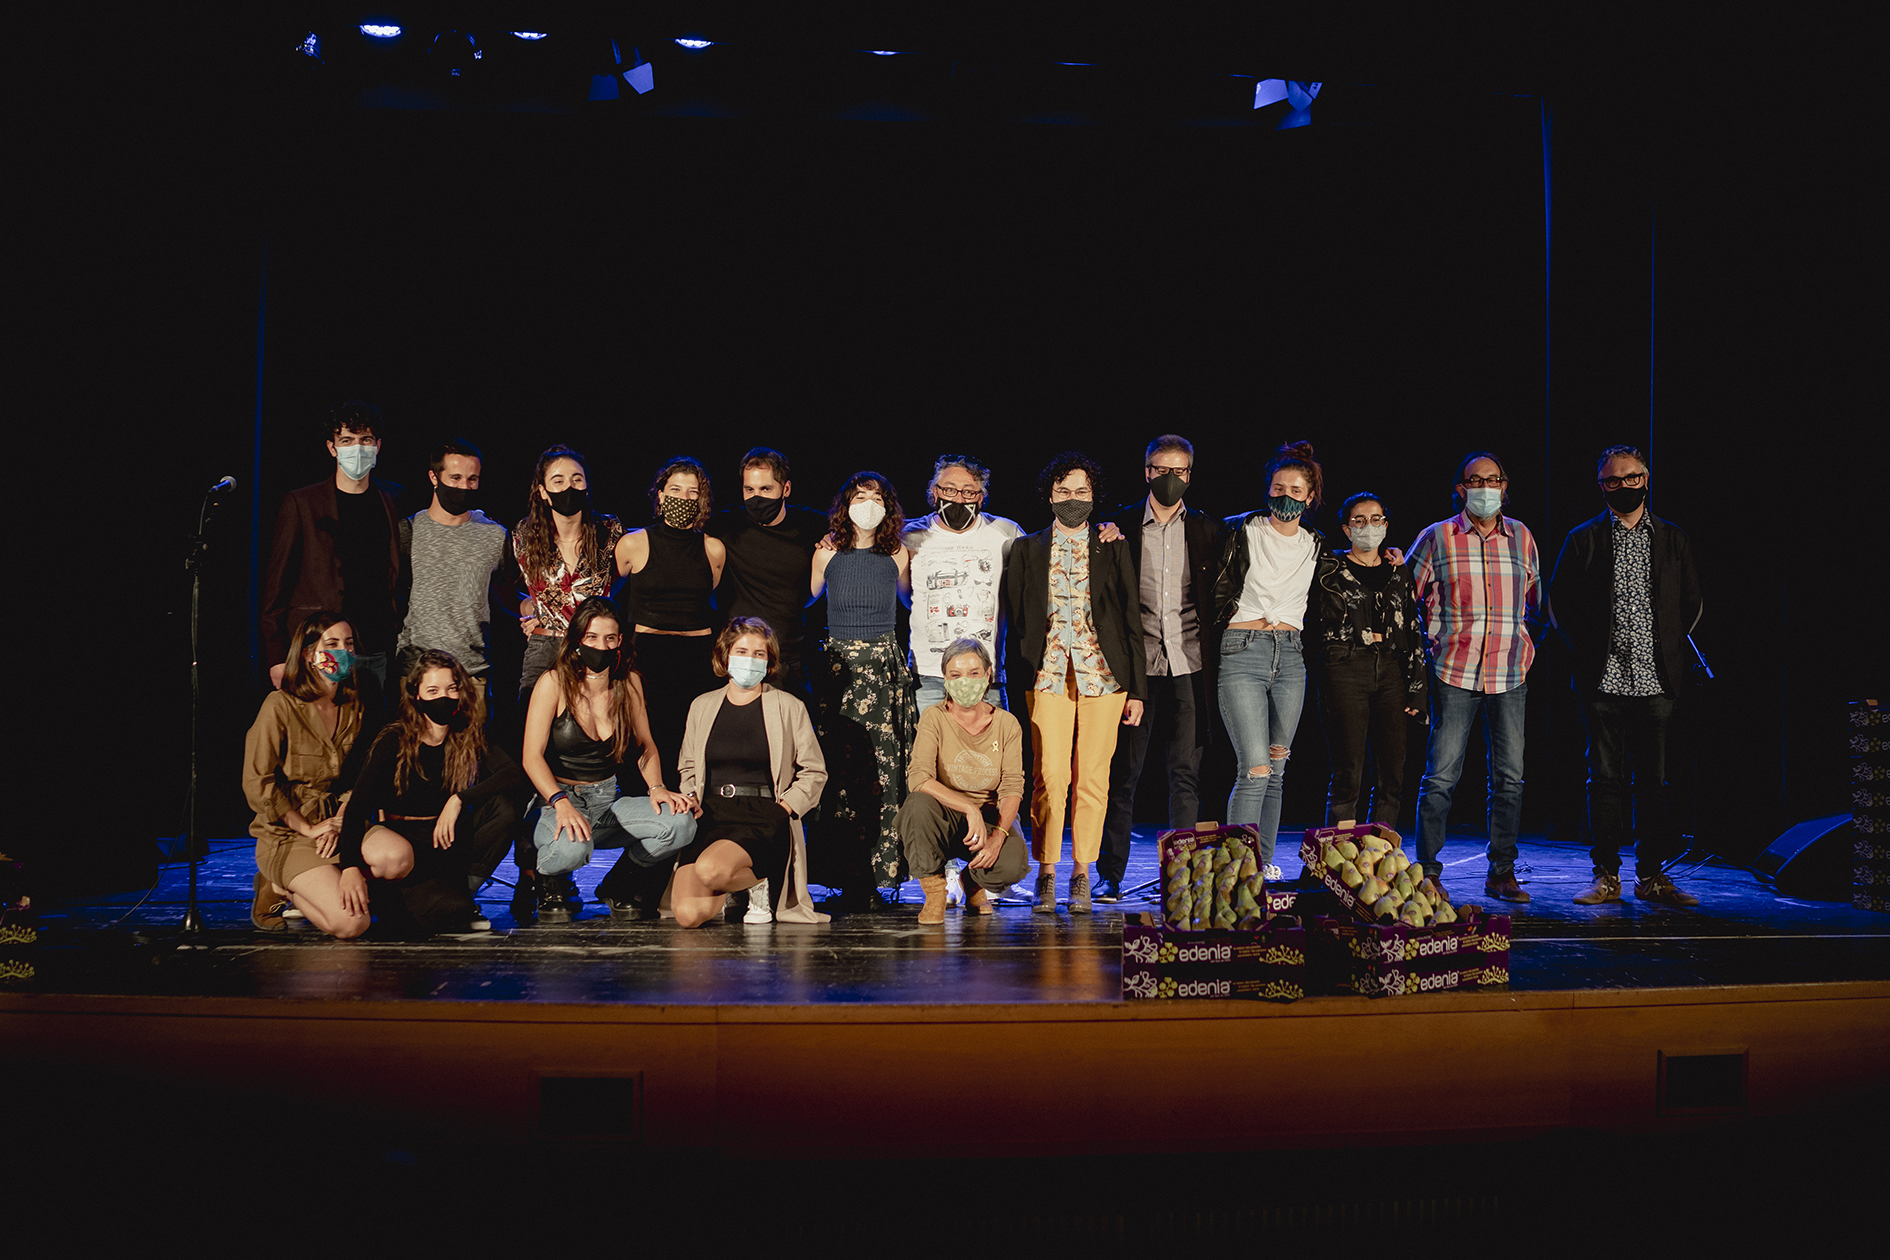 L'equip de rodatge de la websèrie 'Edenia', a la sala Coliseum de Corbins | ACN